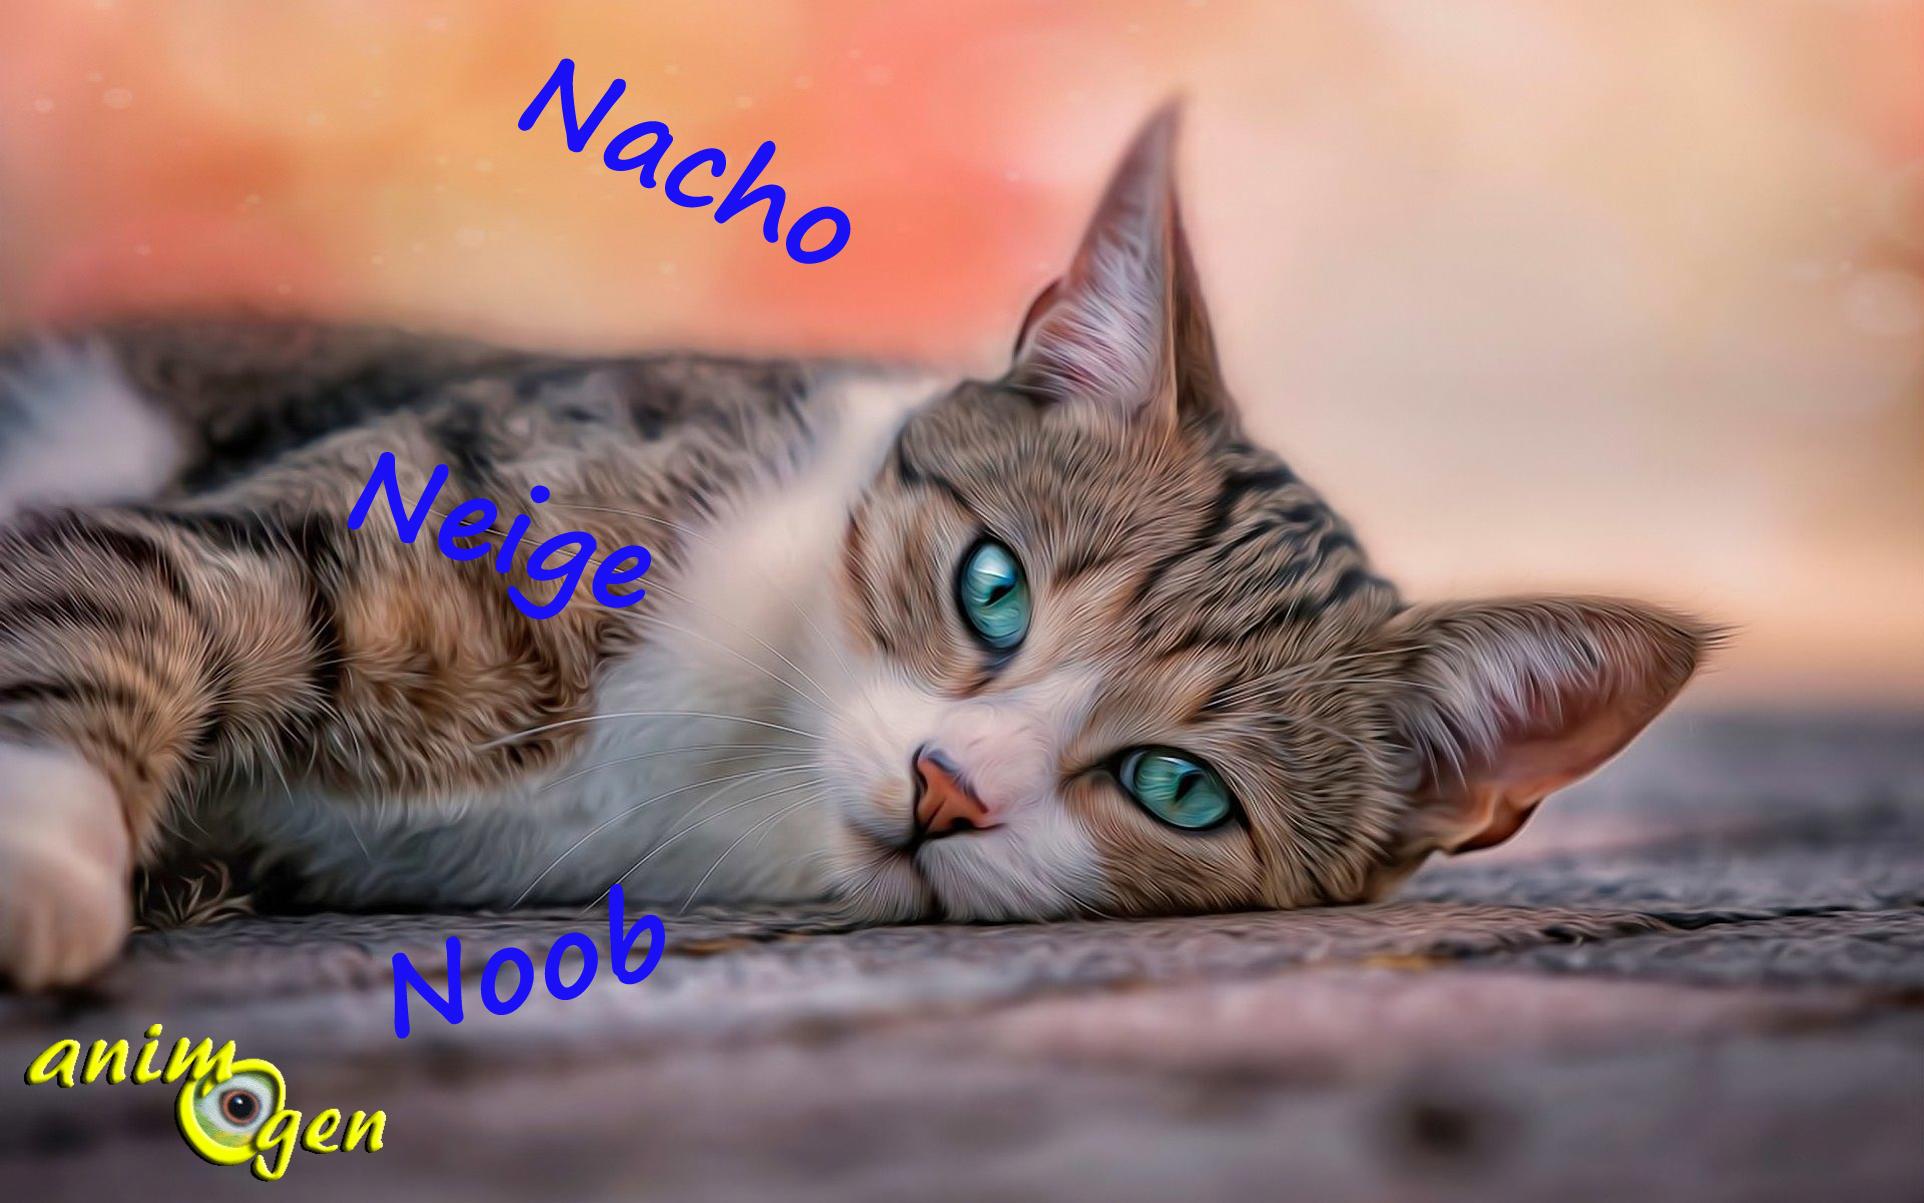 nom animal commencant par n